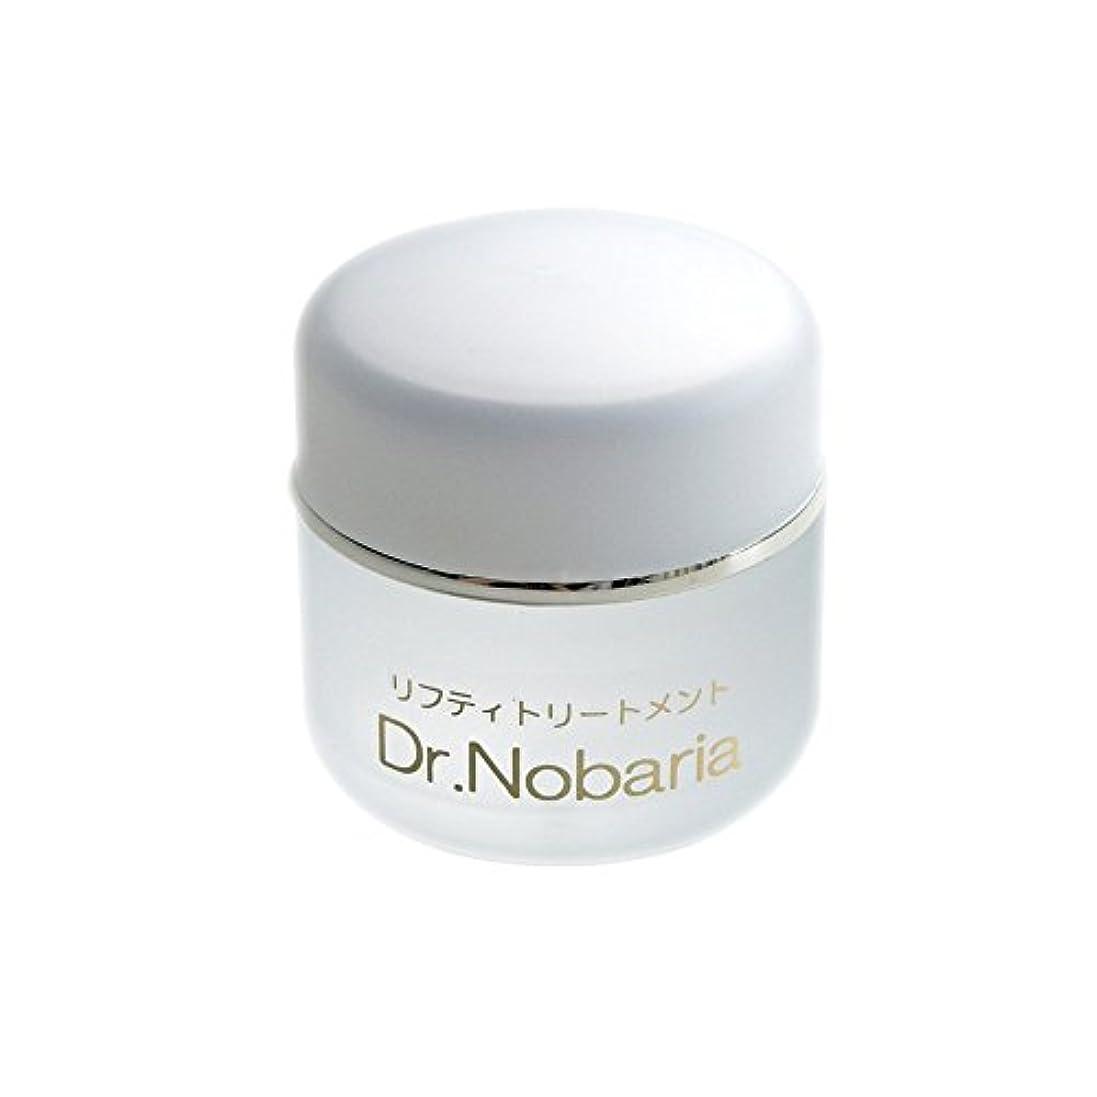 技術的な今日月曜日Natural Pure ノバリアスキンケア ノバリアジェルクリーム 保湿 無香料 無着色 30g×1個